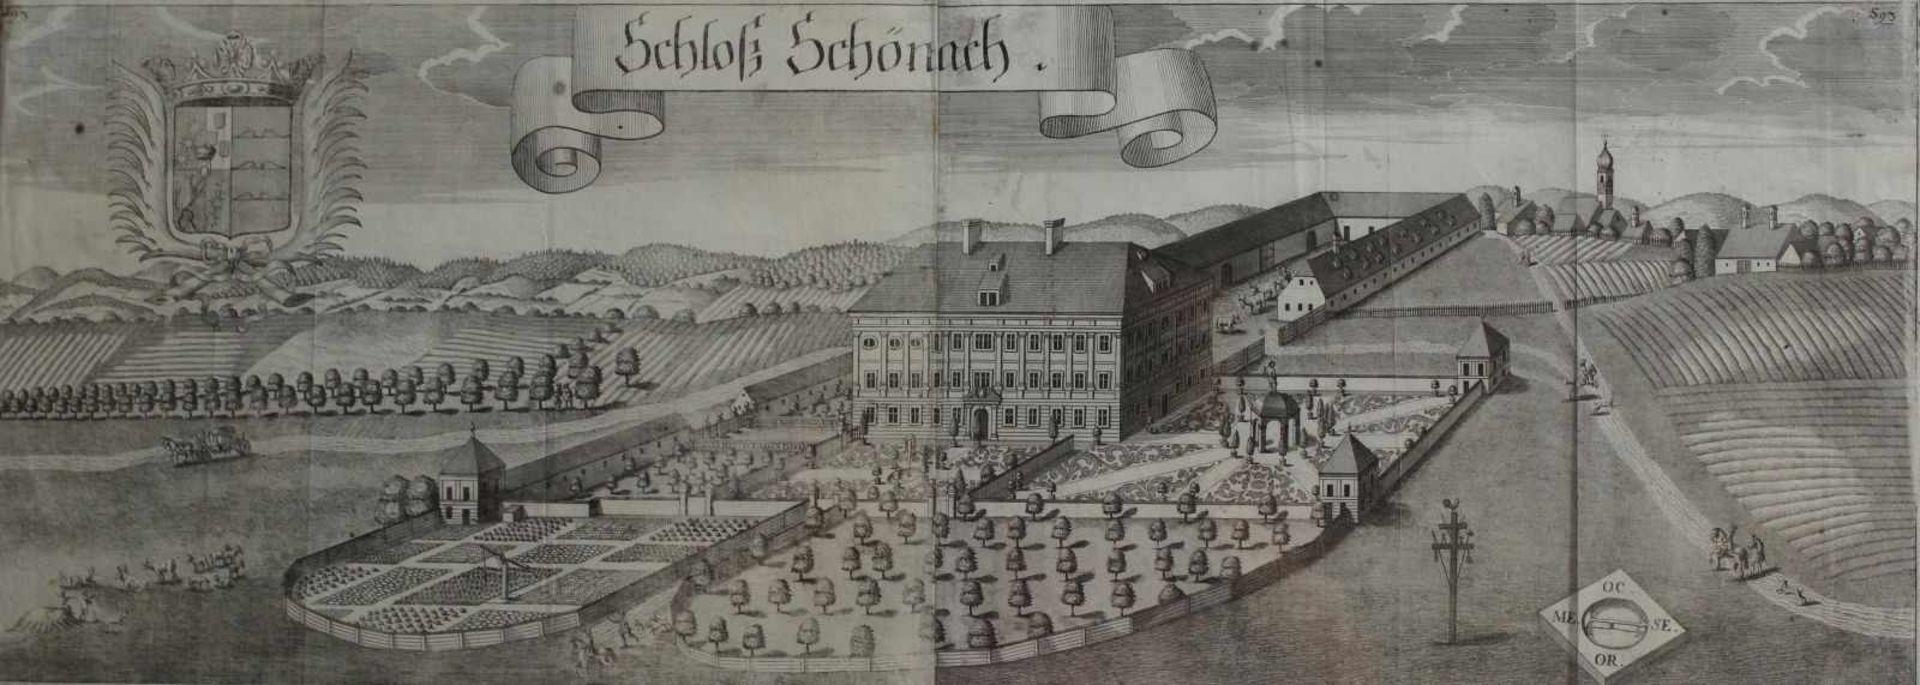 """Großer Kupferstich - Michael Wening (1645 Nürnberg - 1718 München) """"Schloß Schönach im Landkreis"""